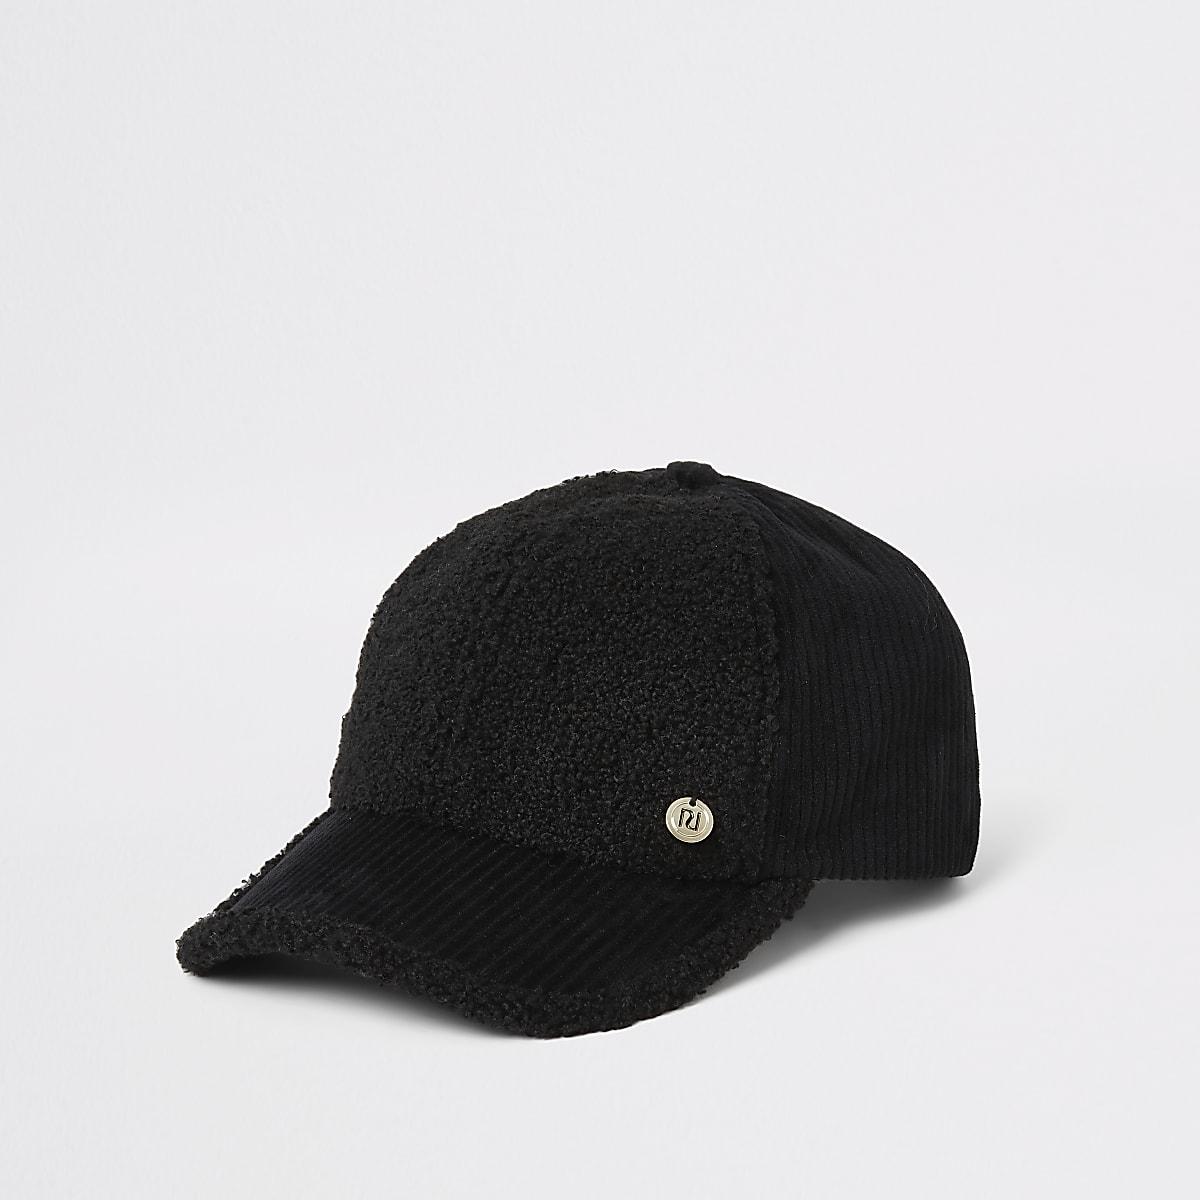 Casquette en velours côtelé noir